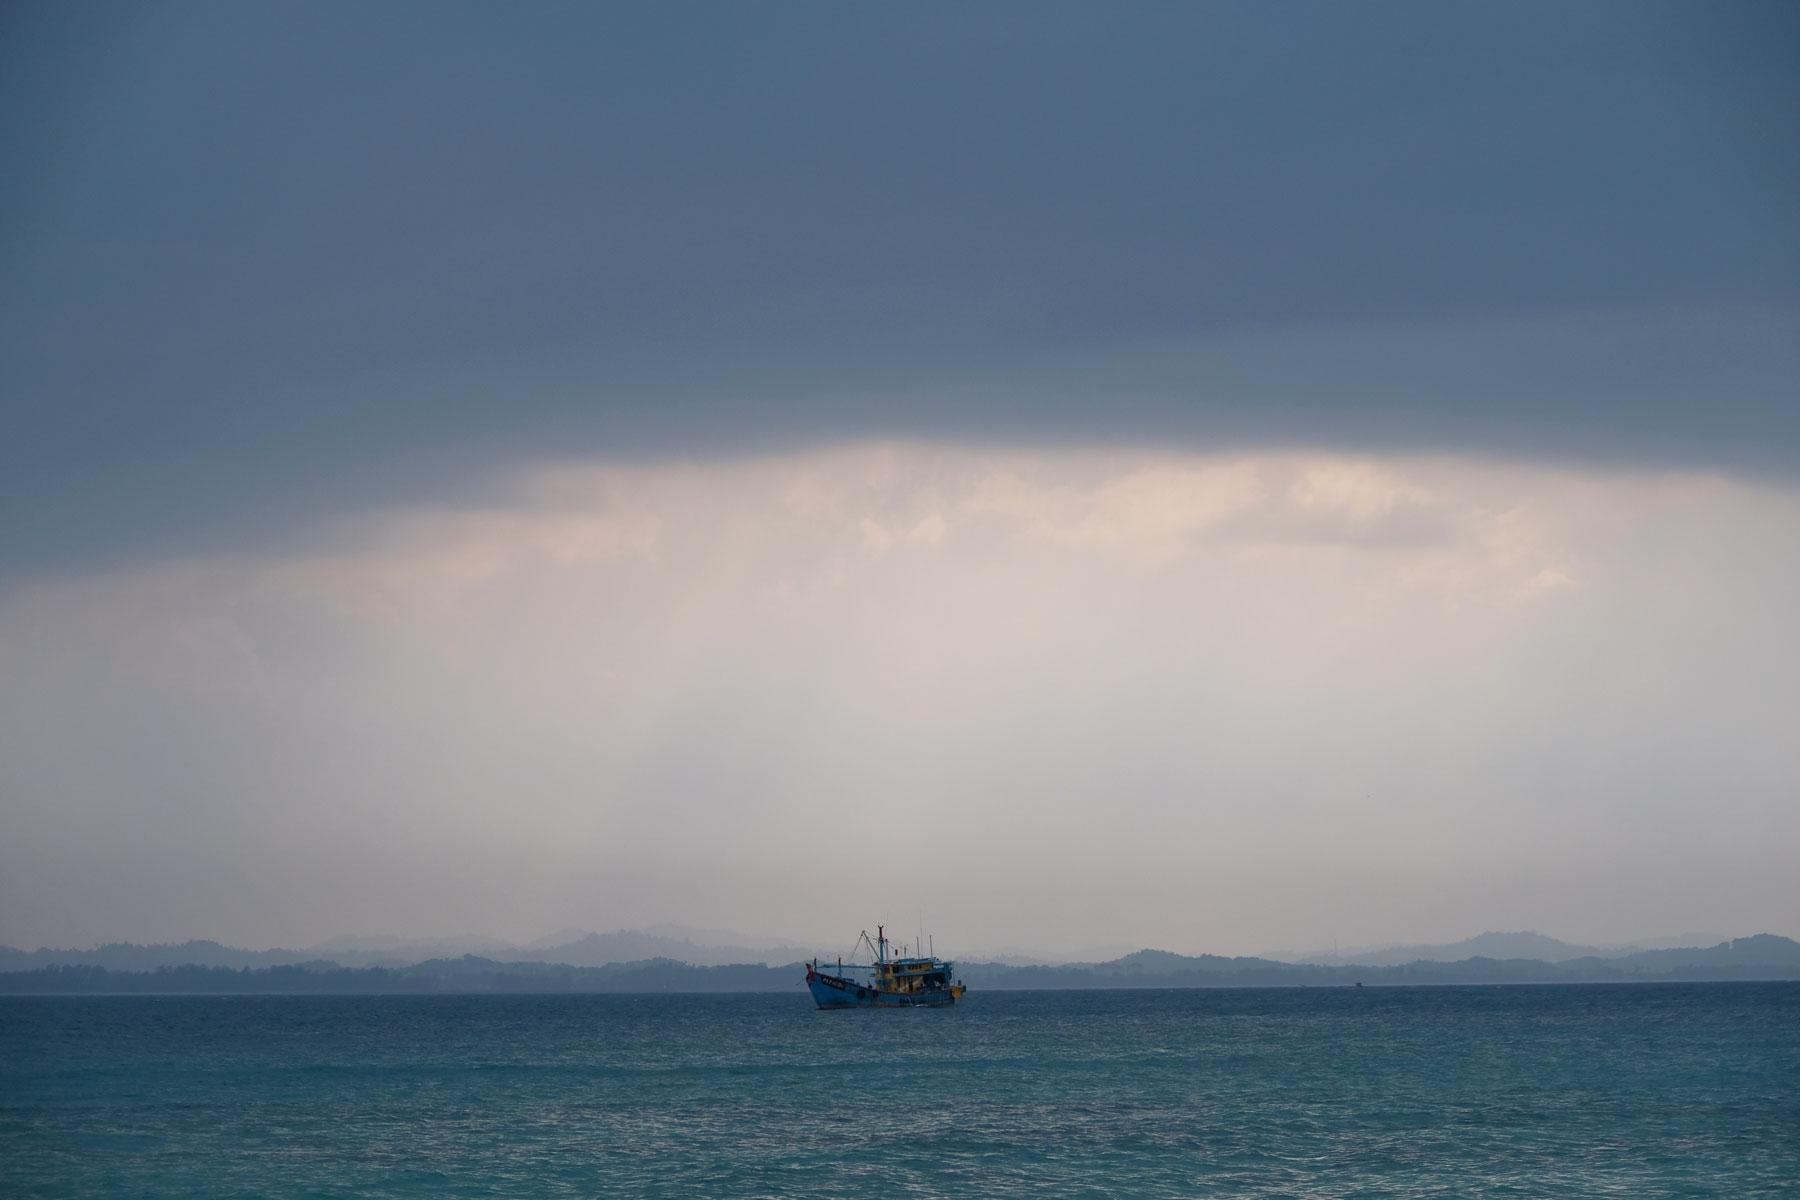 Ein Schiff schaukelt unter dunklen Wolken auf dem Meer